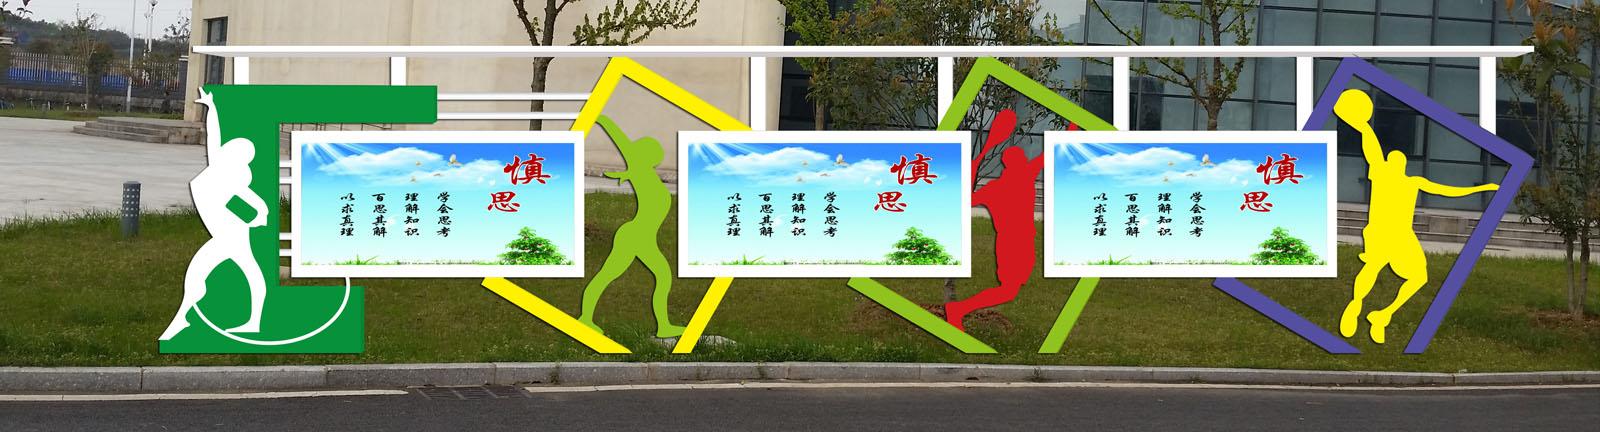 榆林公交候车亭